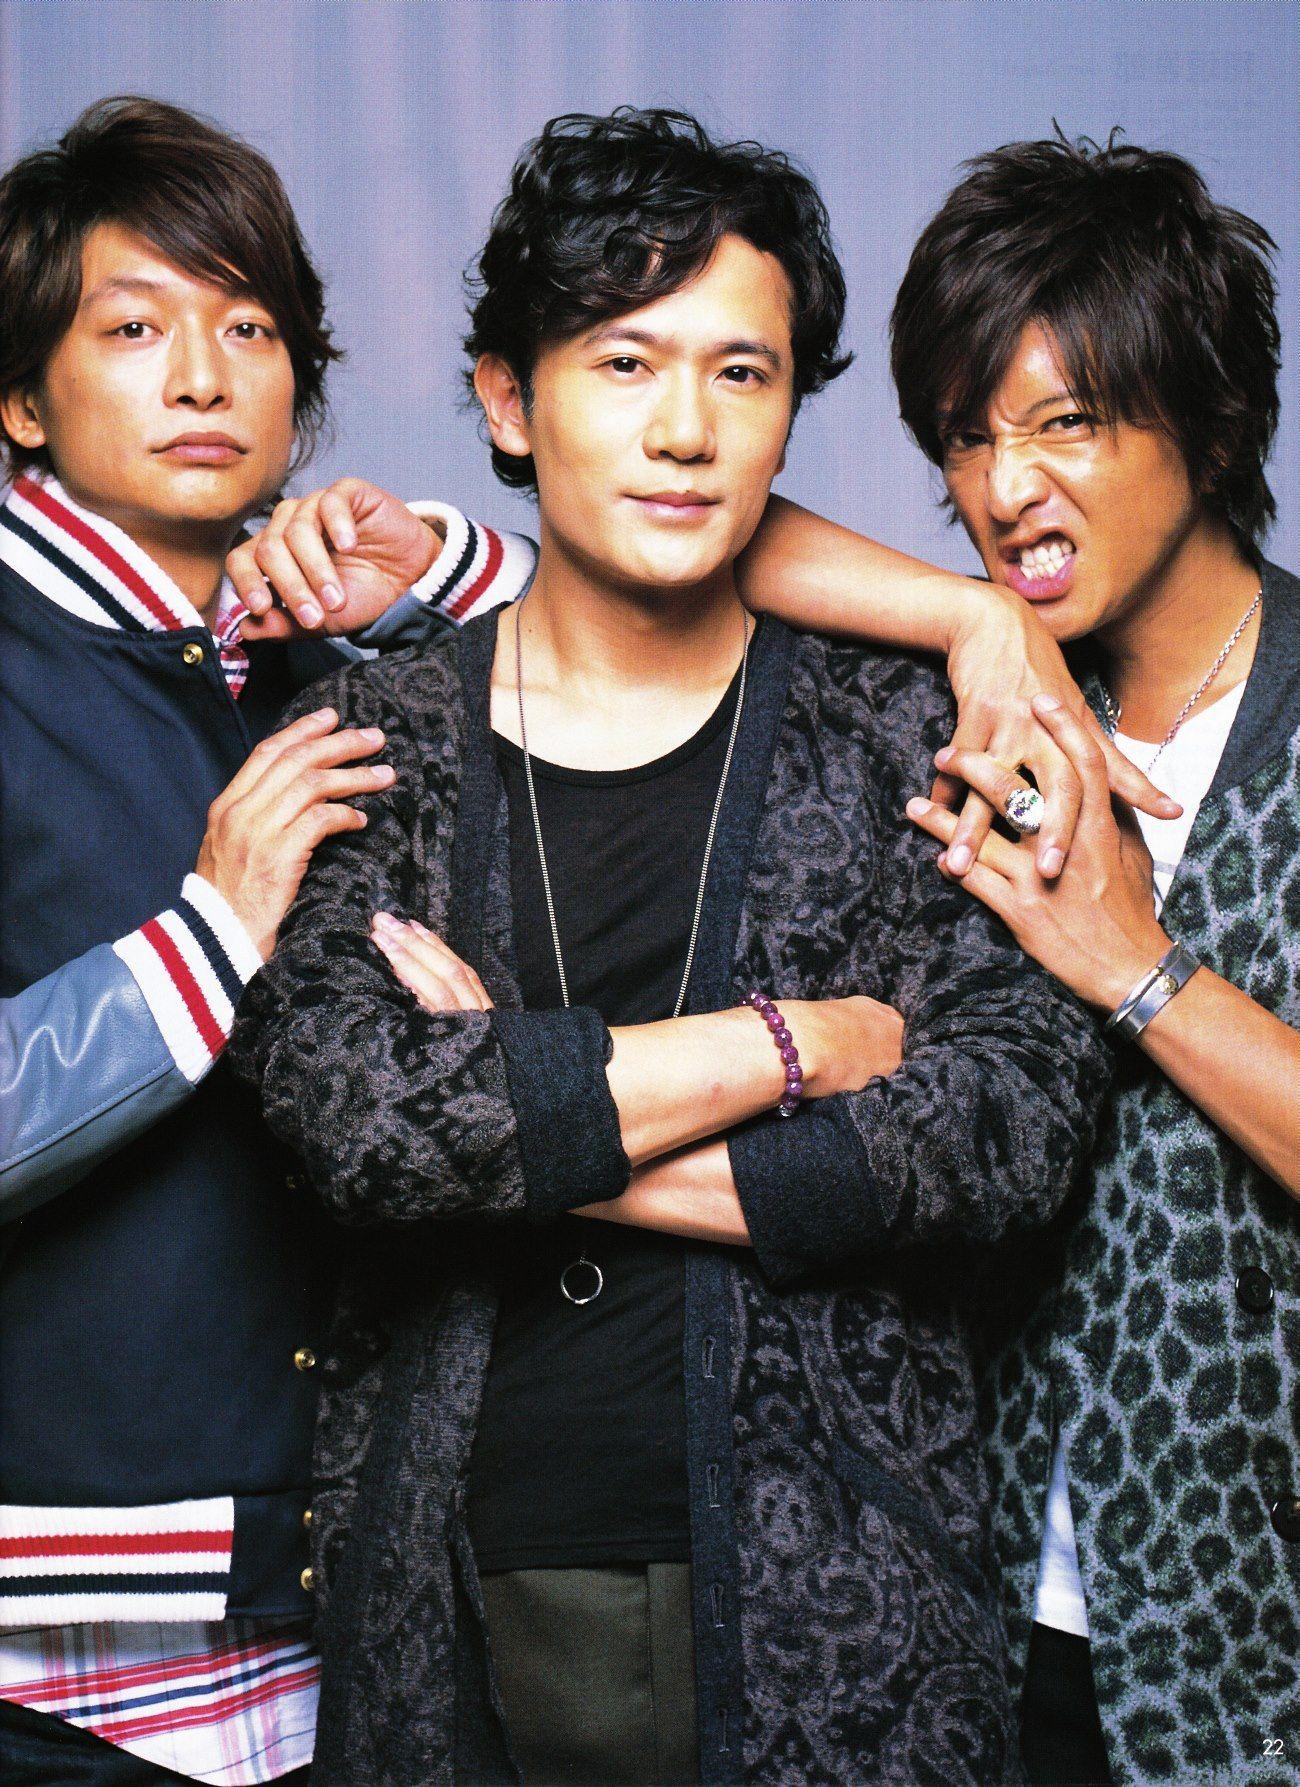 De la page FB de Kimura Takuya